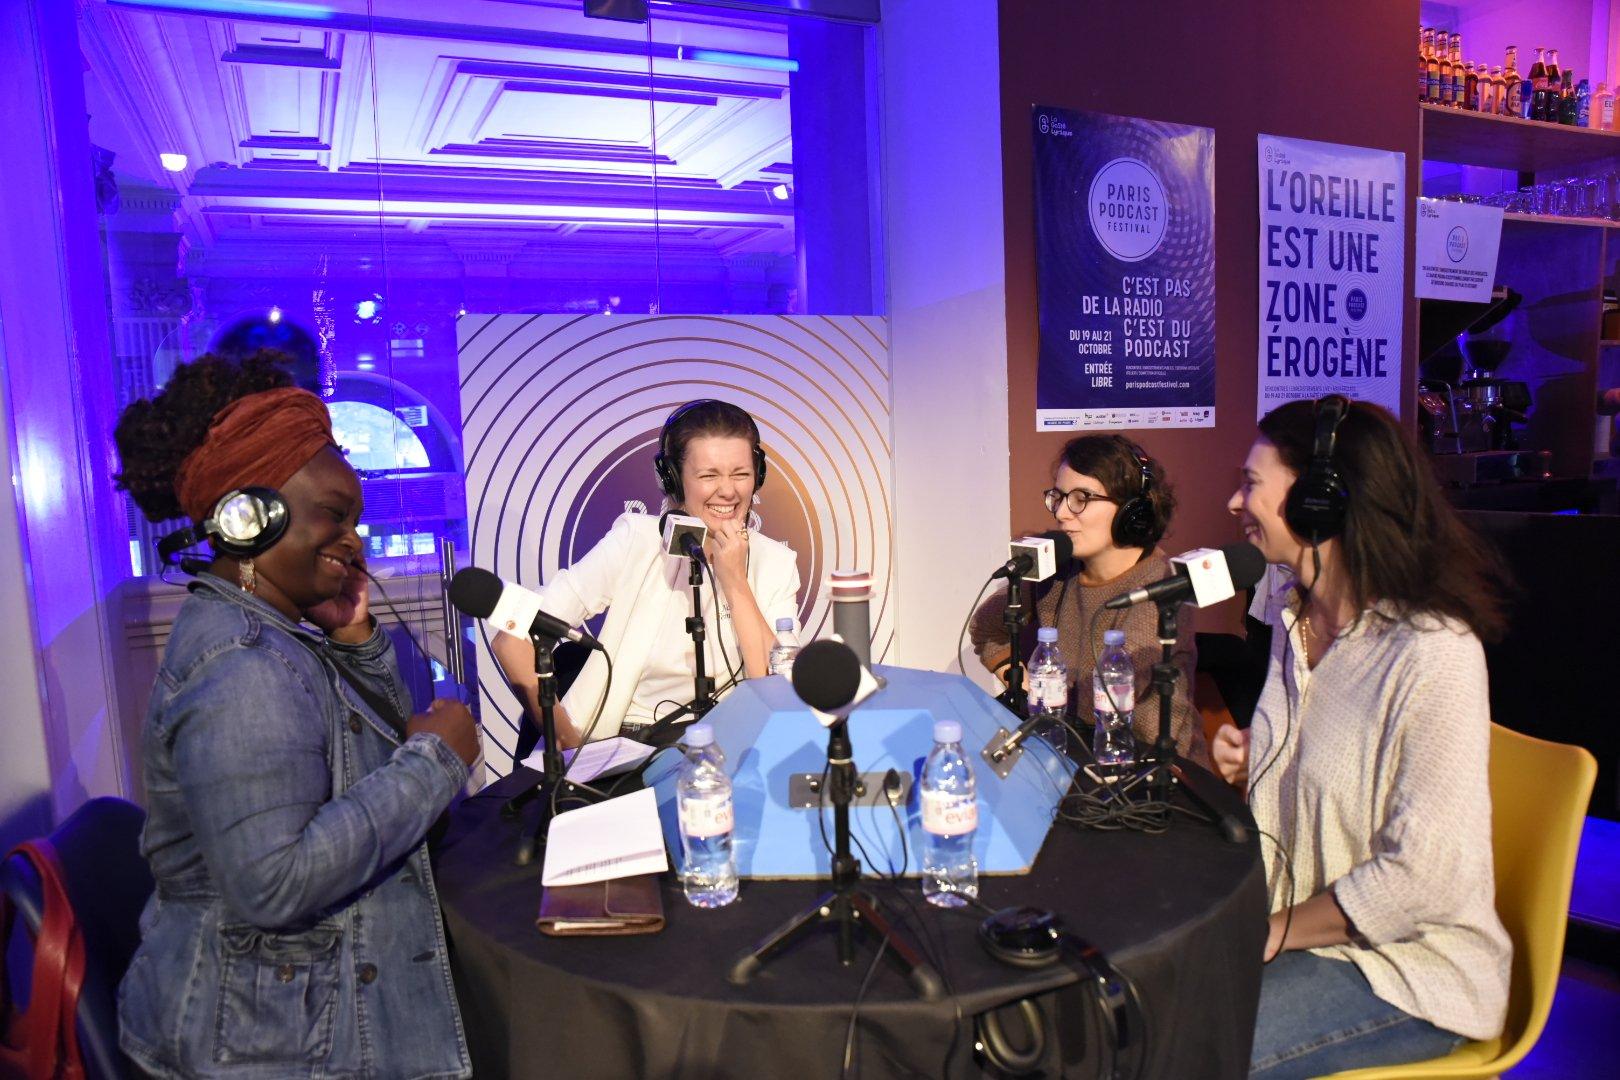 Succès pour la première édition du Paris Podcast Festival. Photo David Dupuis @ParisPodcast